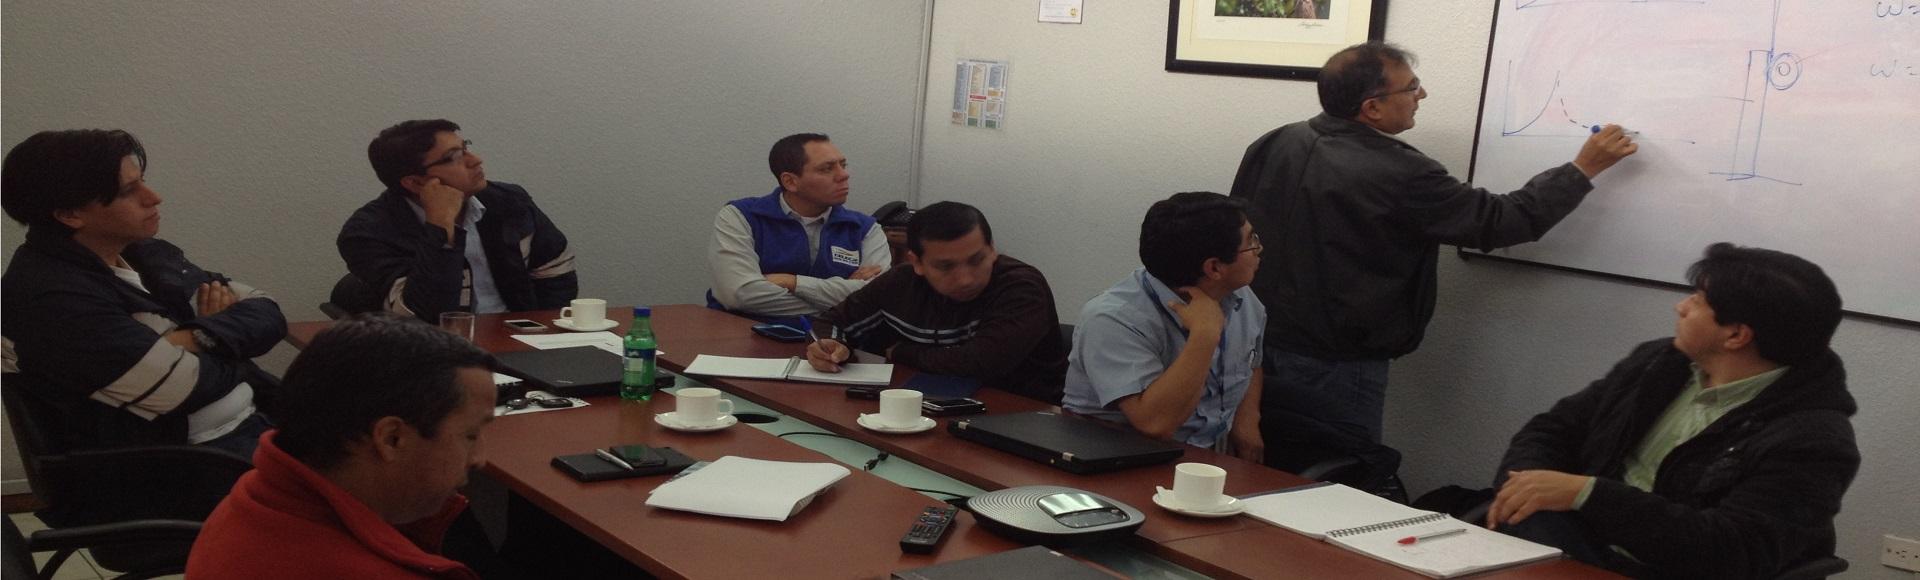 GIDTEC transfiere conocimientos al sector industrial de Cuenca